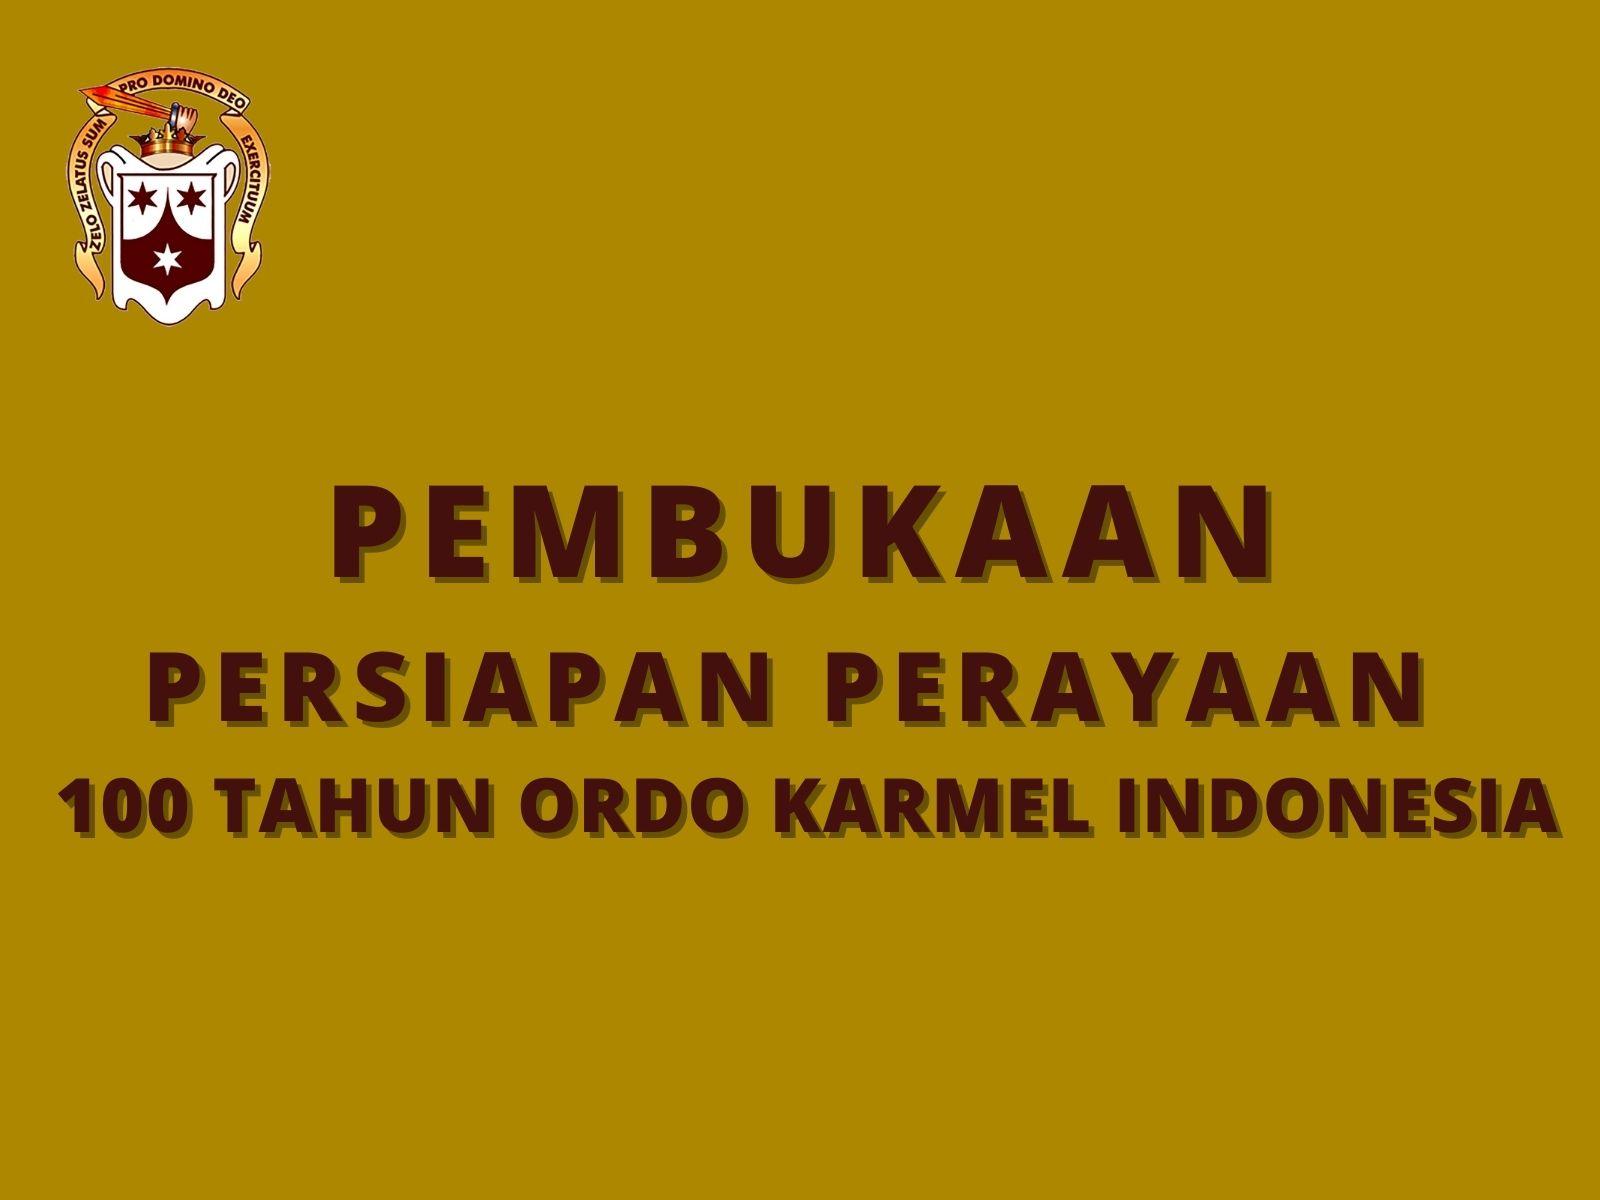 Pembukaan Persiapan 100 Tahun Karmel di Indonesia